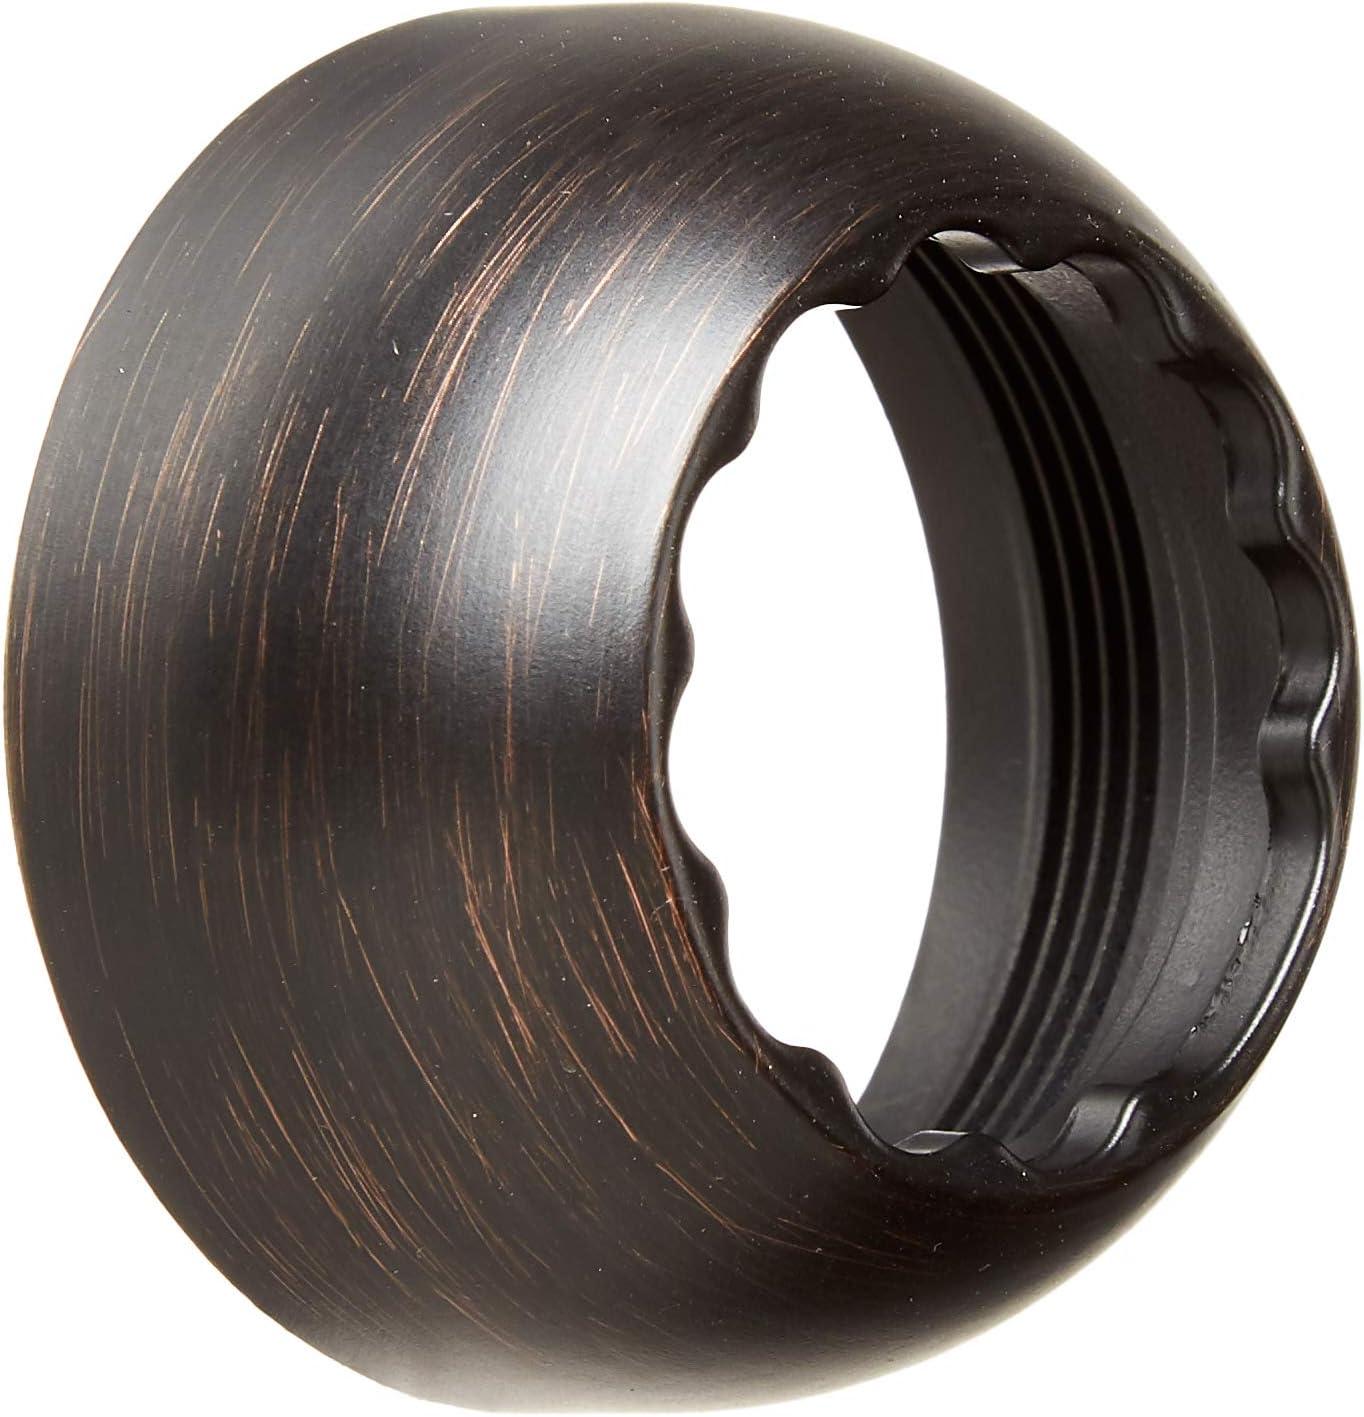 Delta RP61043 Addison Bonnet Nut